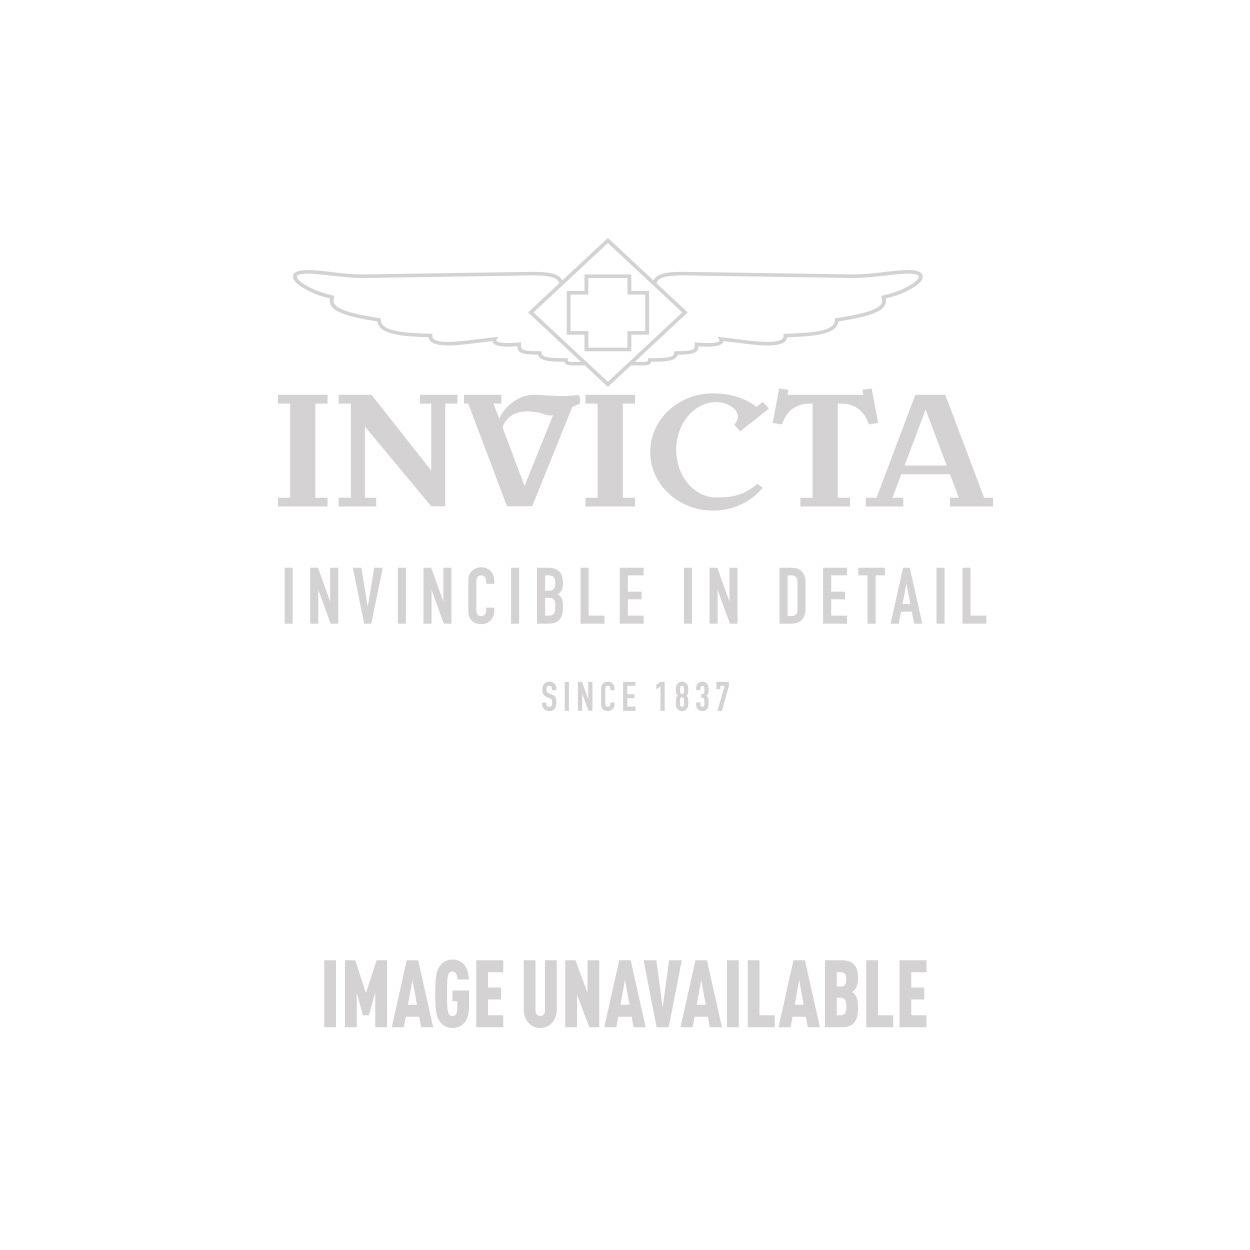 Invicta Model 24638